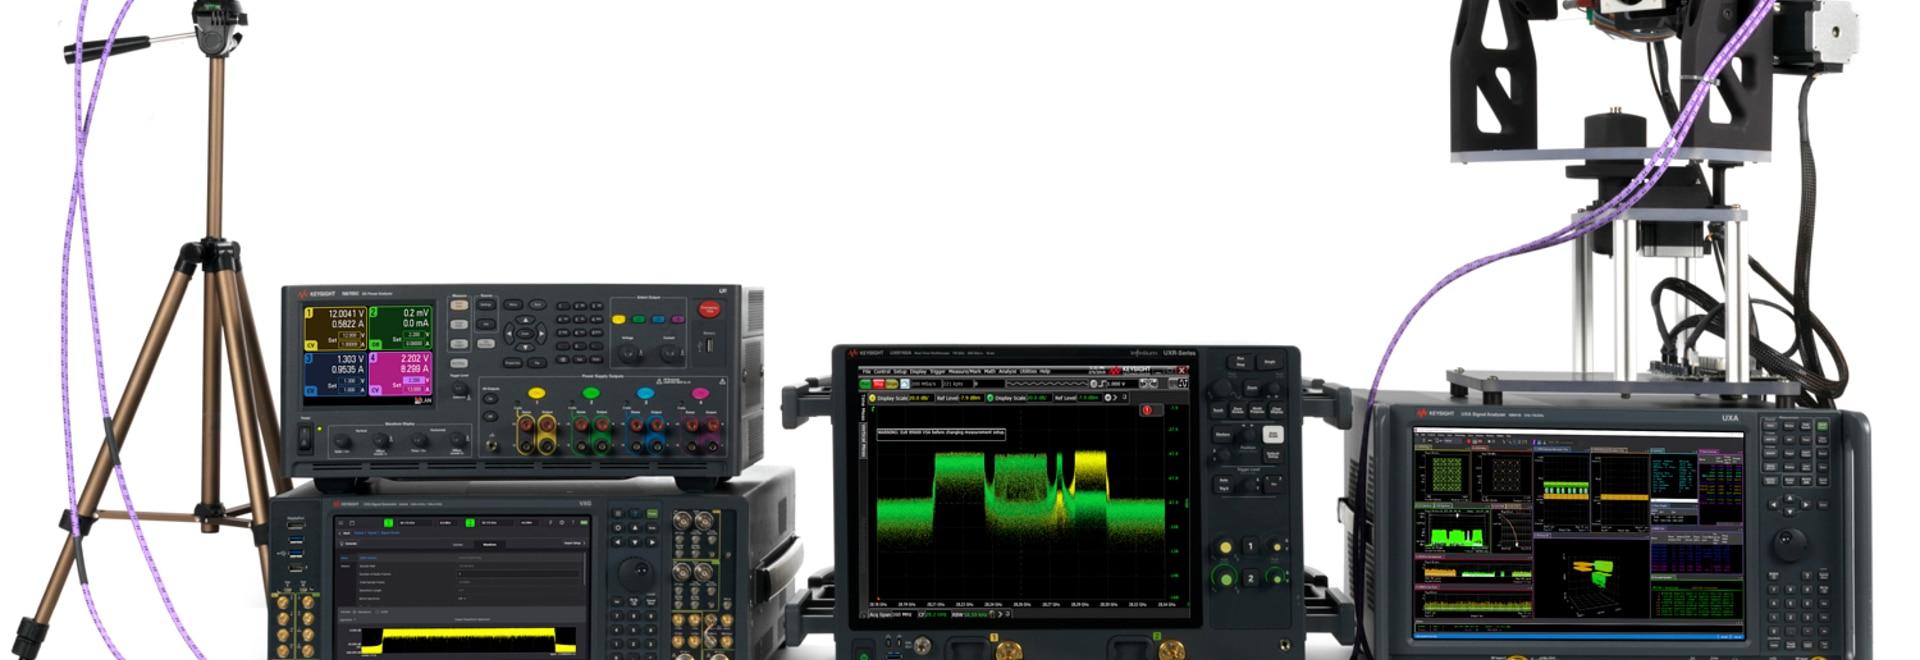 Estos generadores de señal de microondas están listos para 5G